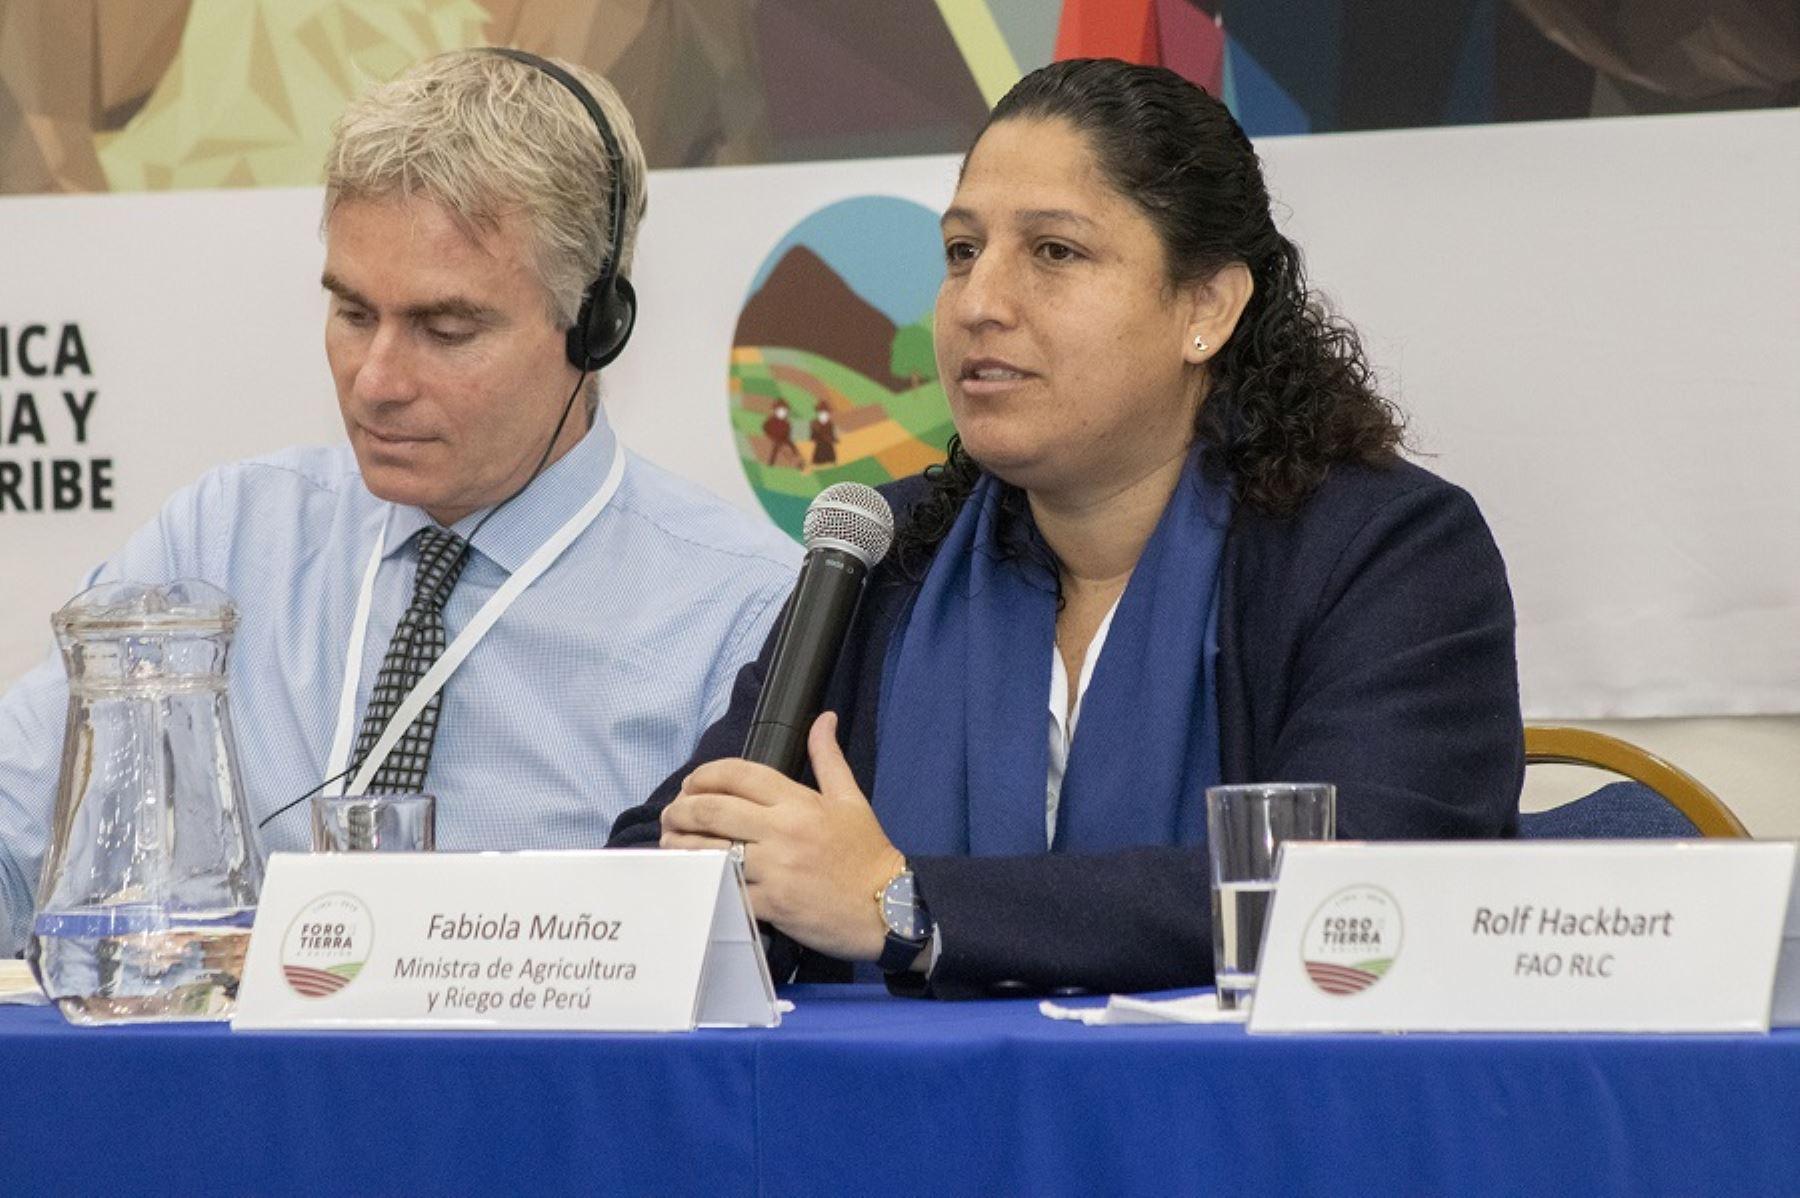 Ministra de Agricultura y Riego, Fabiola Muñoz, en el X Foro de la Tierra América Latina y el Caribe.